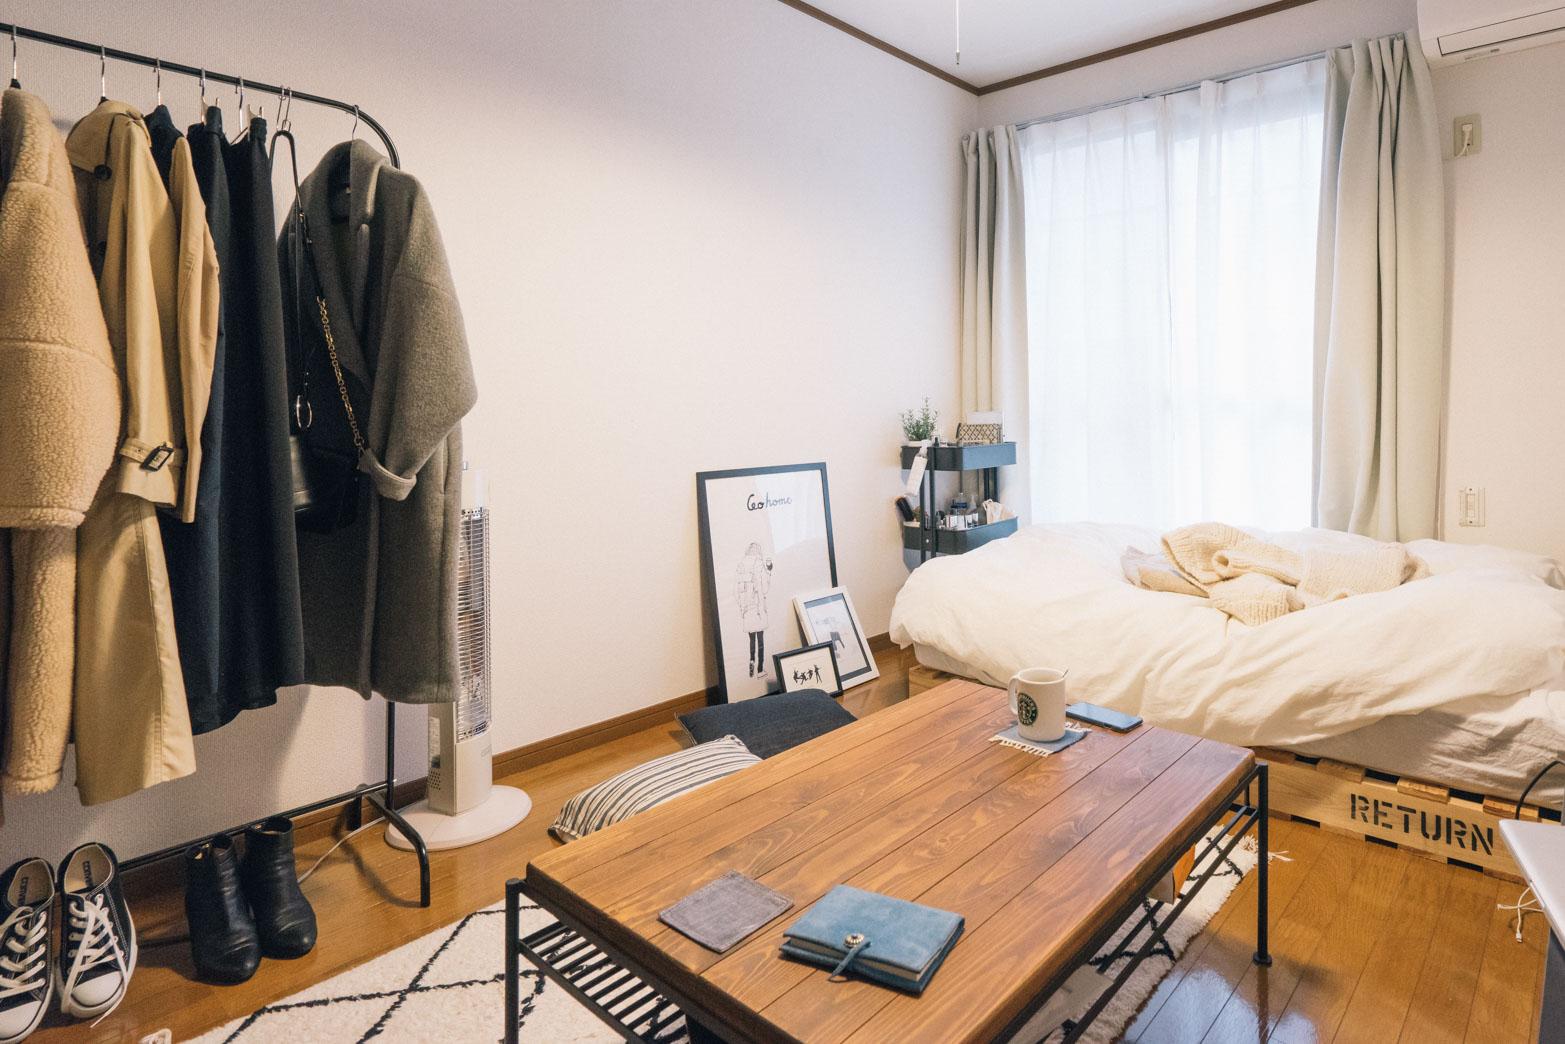 アイアンの脚と、ちょっとヴィンテージっぽい木の質感がメンズライク。お部屋を引き締めるRe:CENOのKeLT(ケルト)リビングテーブル。